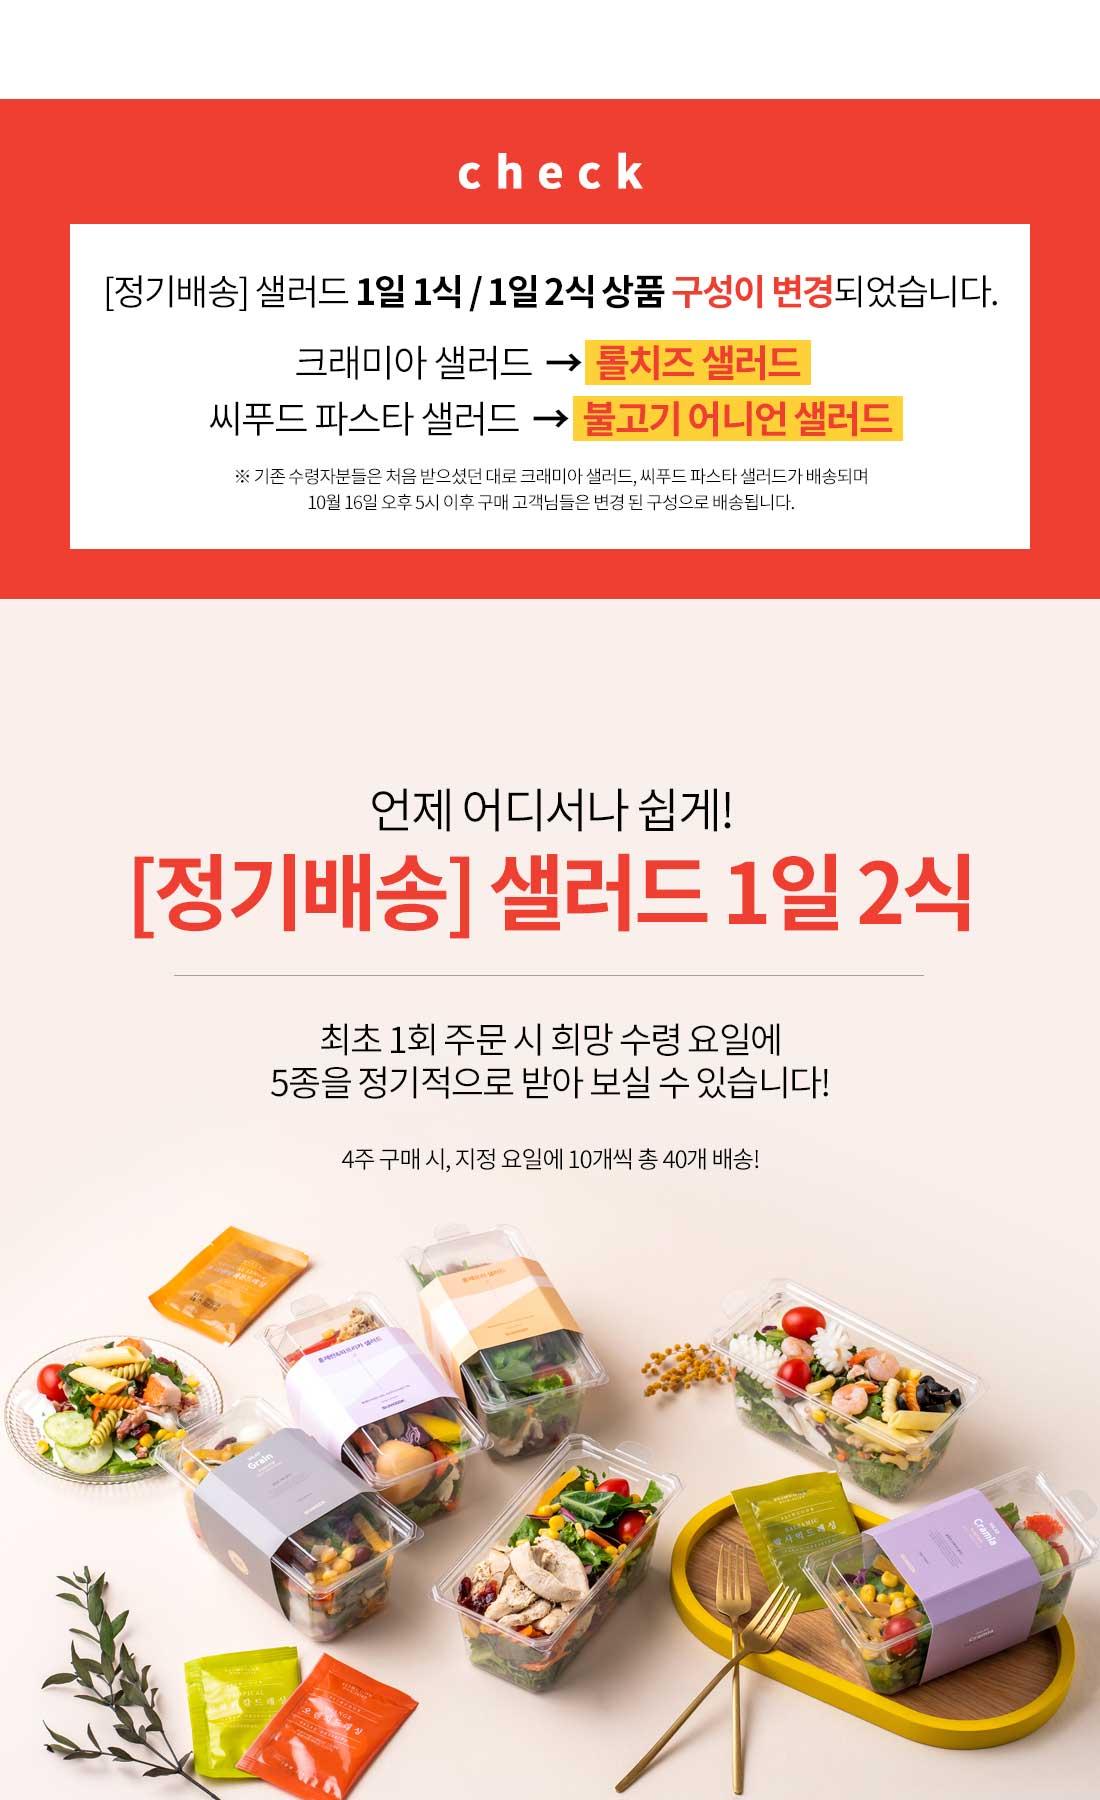 슬림쿡 샐러드 정기배송 1일 2식